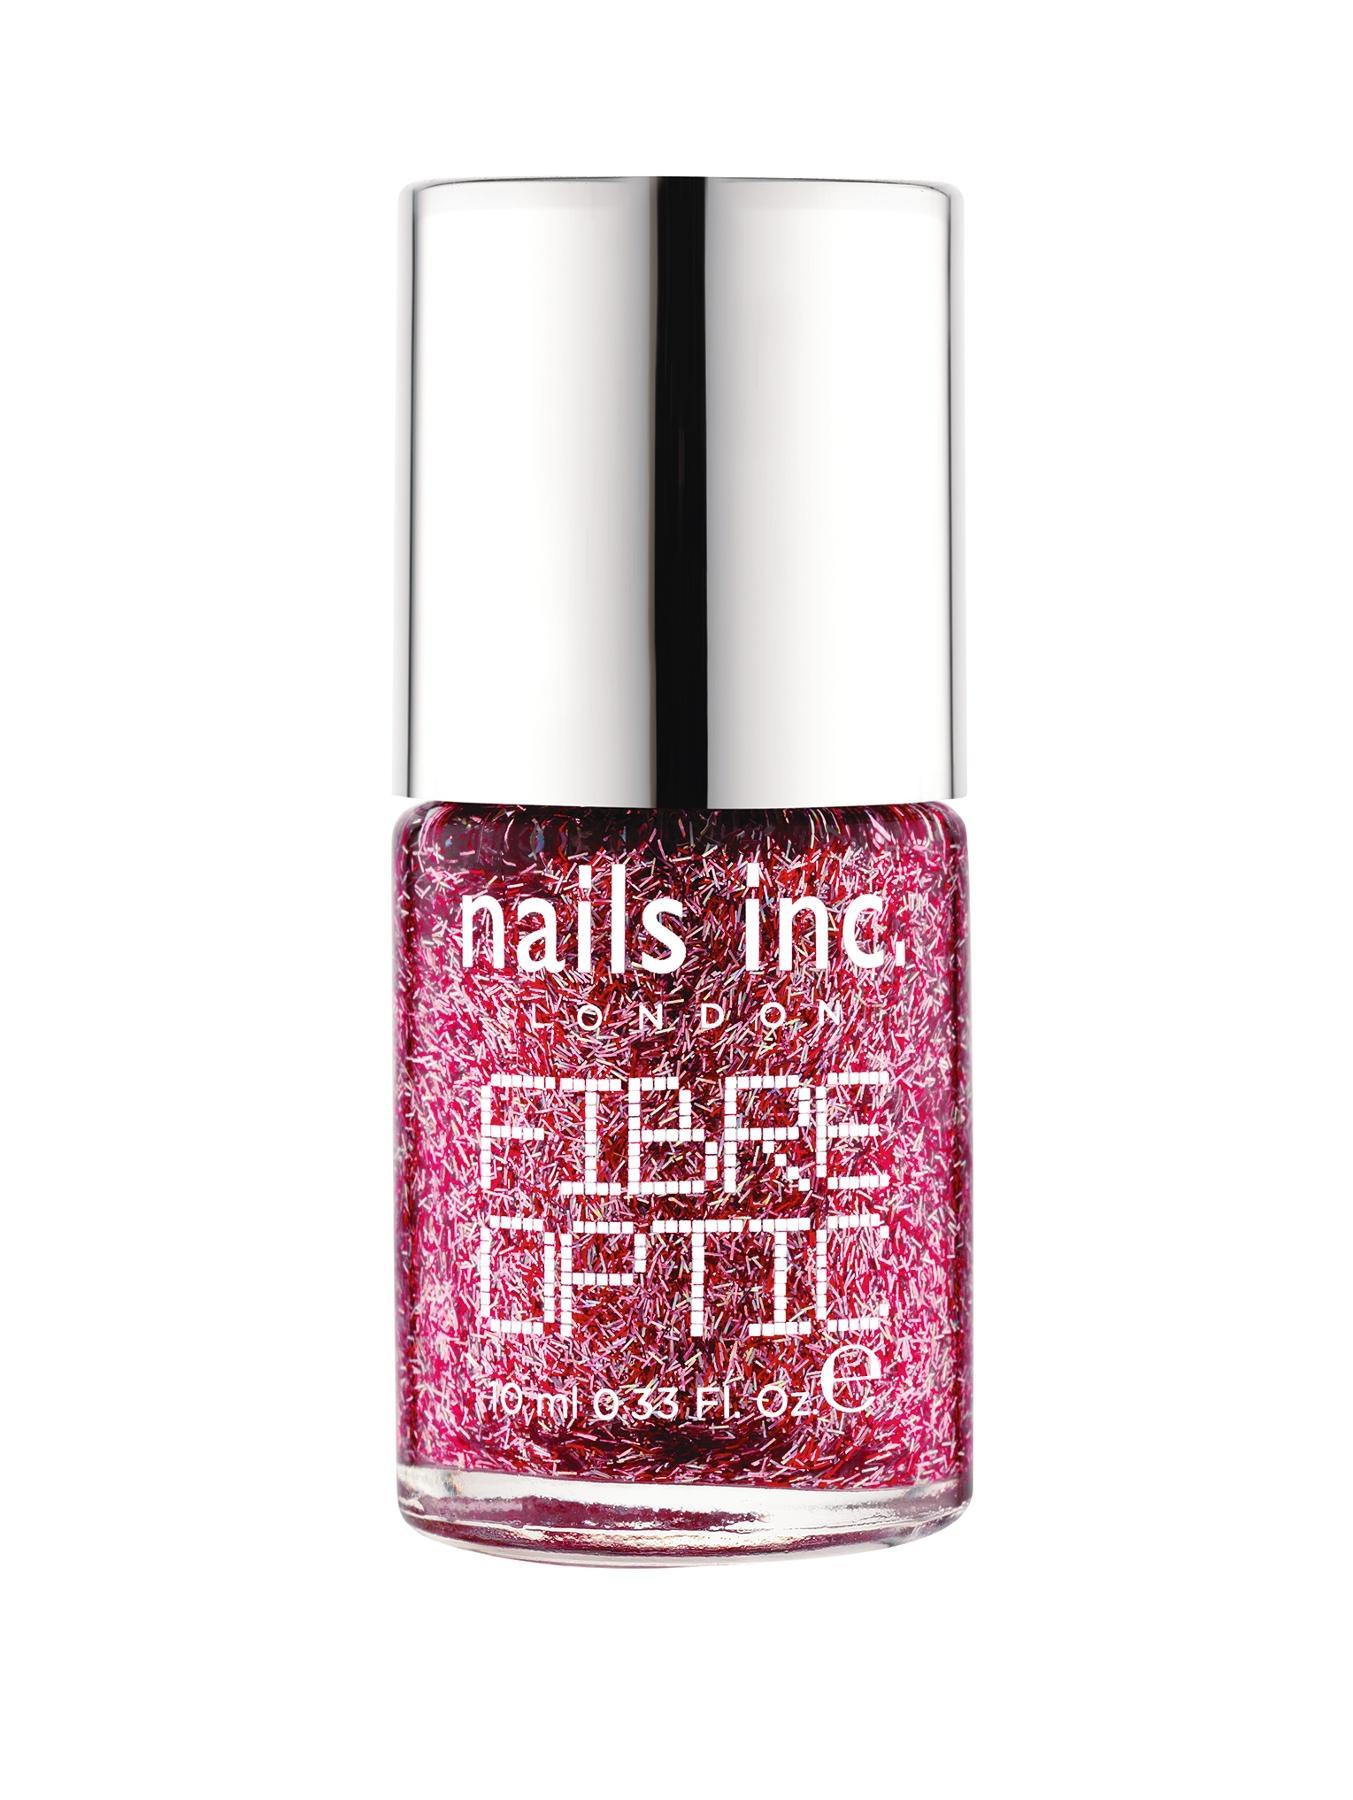 Nails Inc Fibre Optic Belgravia Place